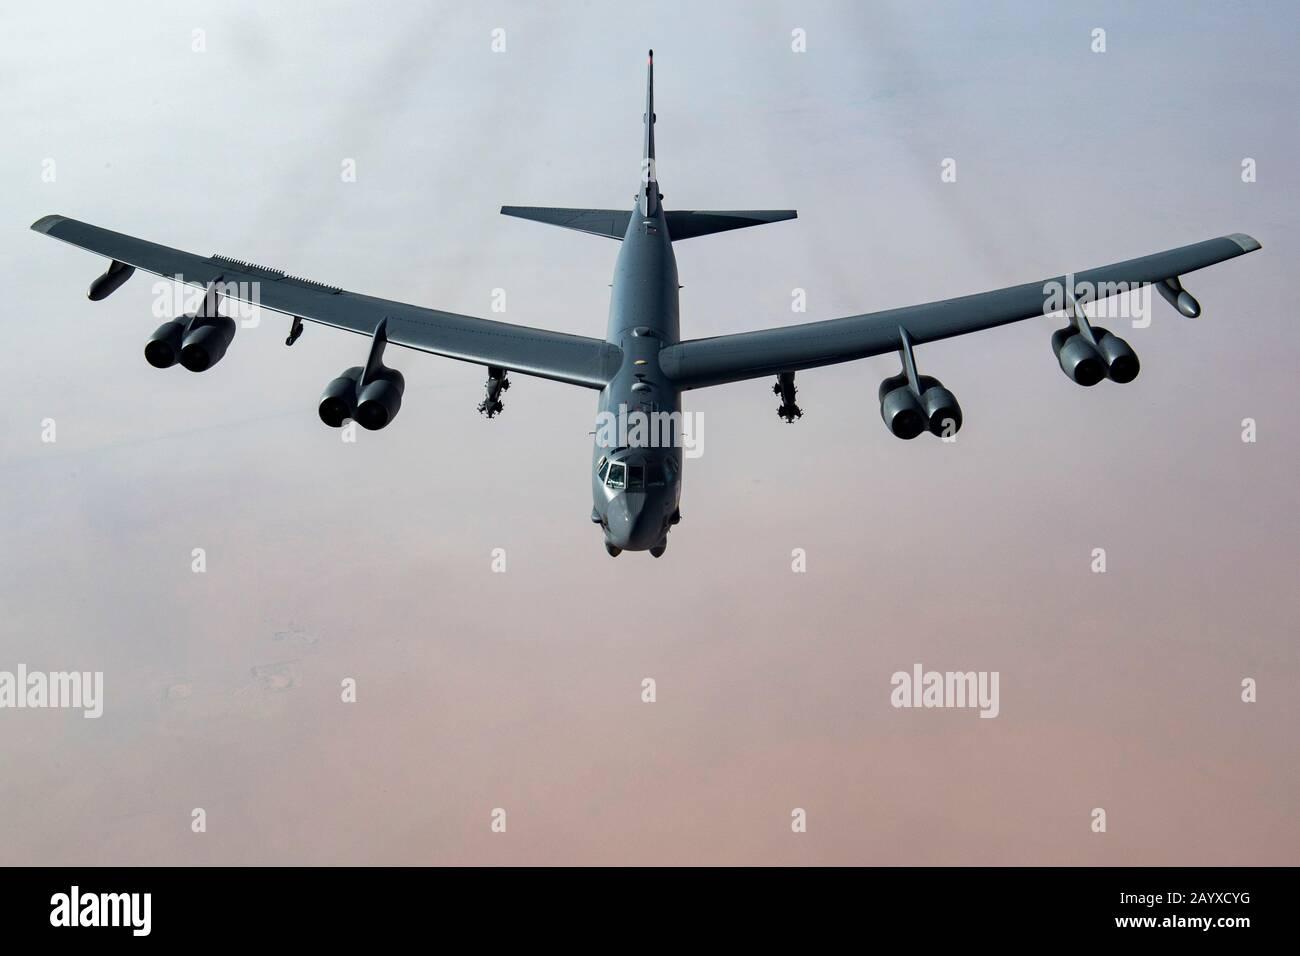 Un bombardier stratégique StratoFortress B-52 H de l'armée de l'air américaine survole le désert saoudien à la base aérienne du Prince Sultan le 1er novembre 2019 à Al Kharj, en Arabie Saoudite. Banque D'Images